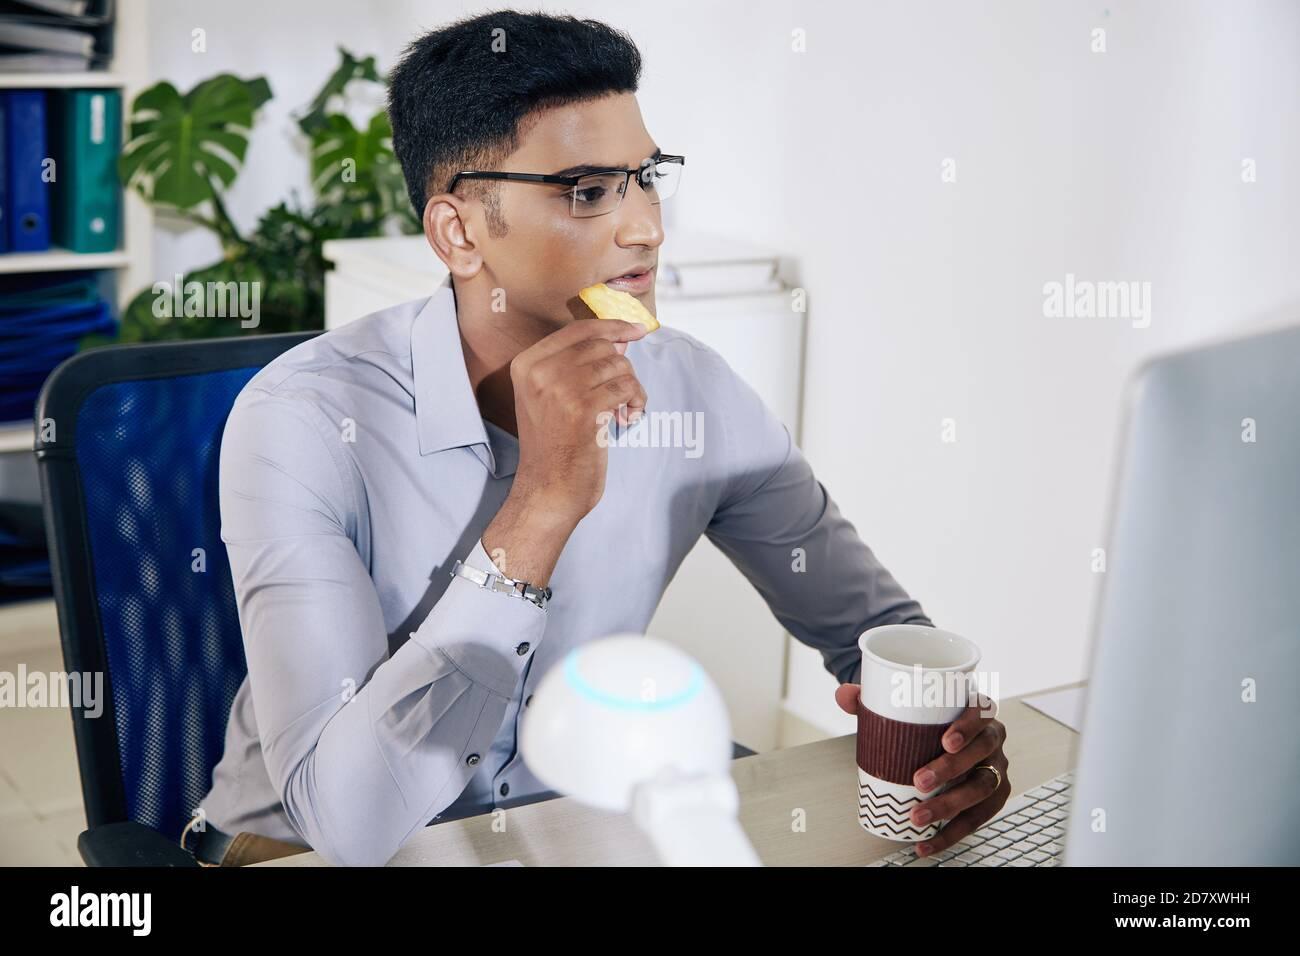 Sviluppatore di software che beve caffè Foto Stock